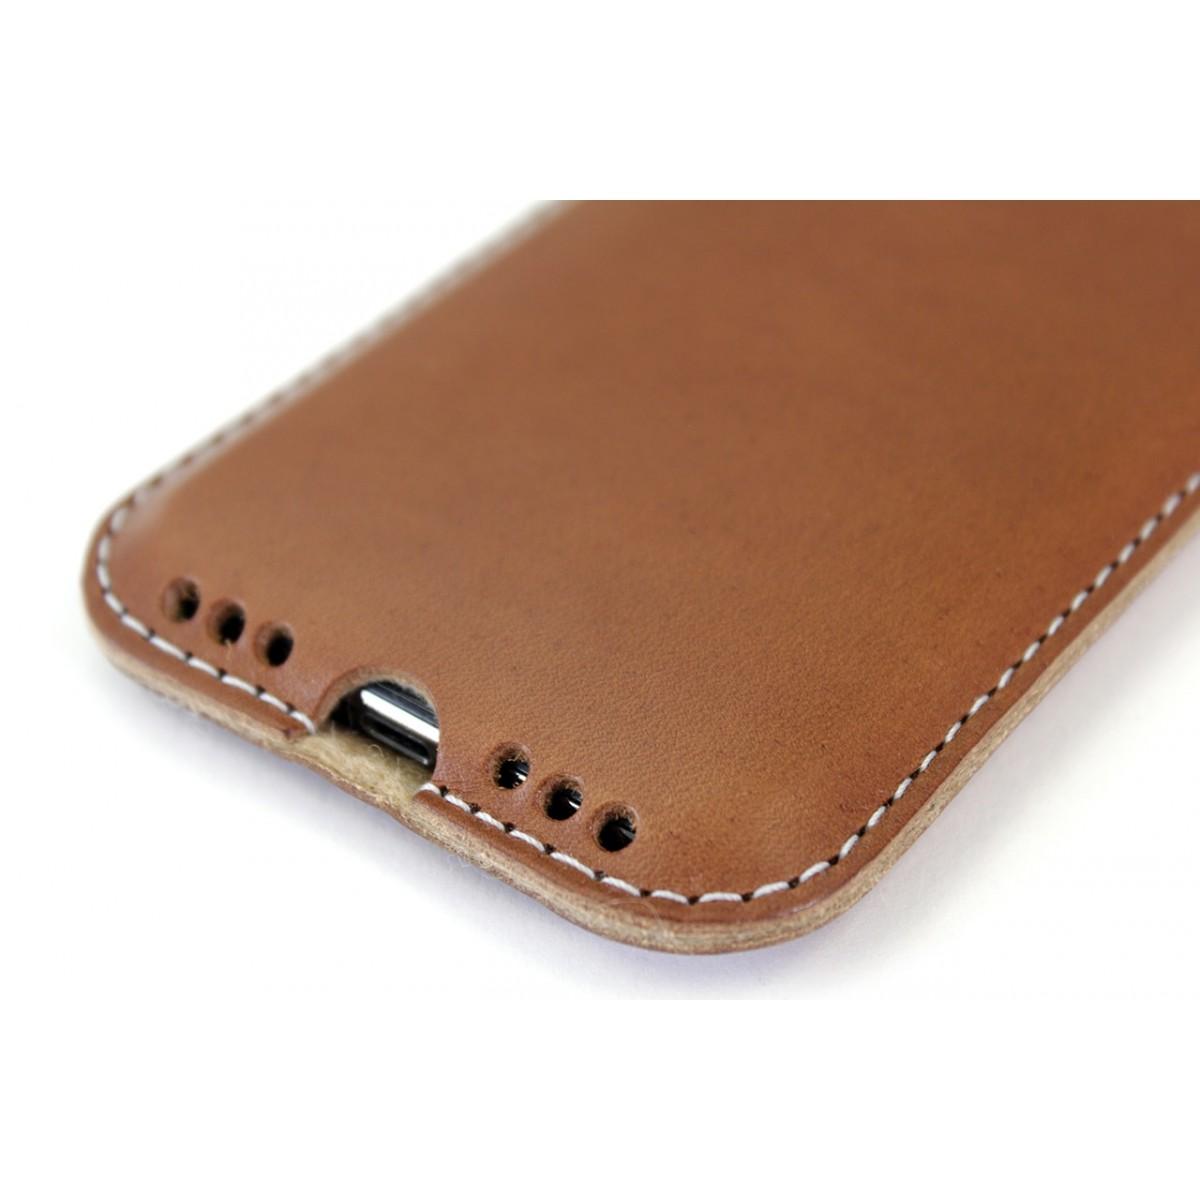 Kingston - iPhone 11 Pro Max / XS Max Hülle aus pflanzlich gegerbtem Leder mit 100% Merino Wollfilz innen kaschiert. Schmale Version!